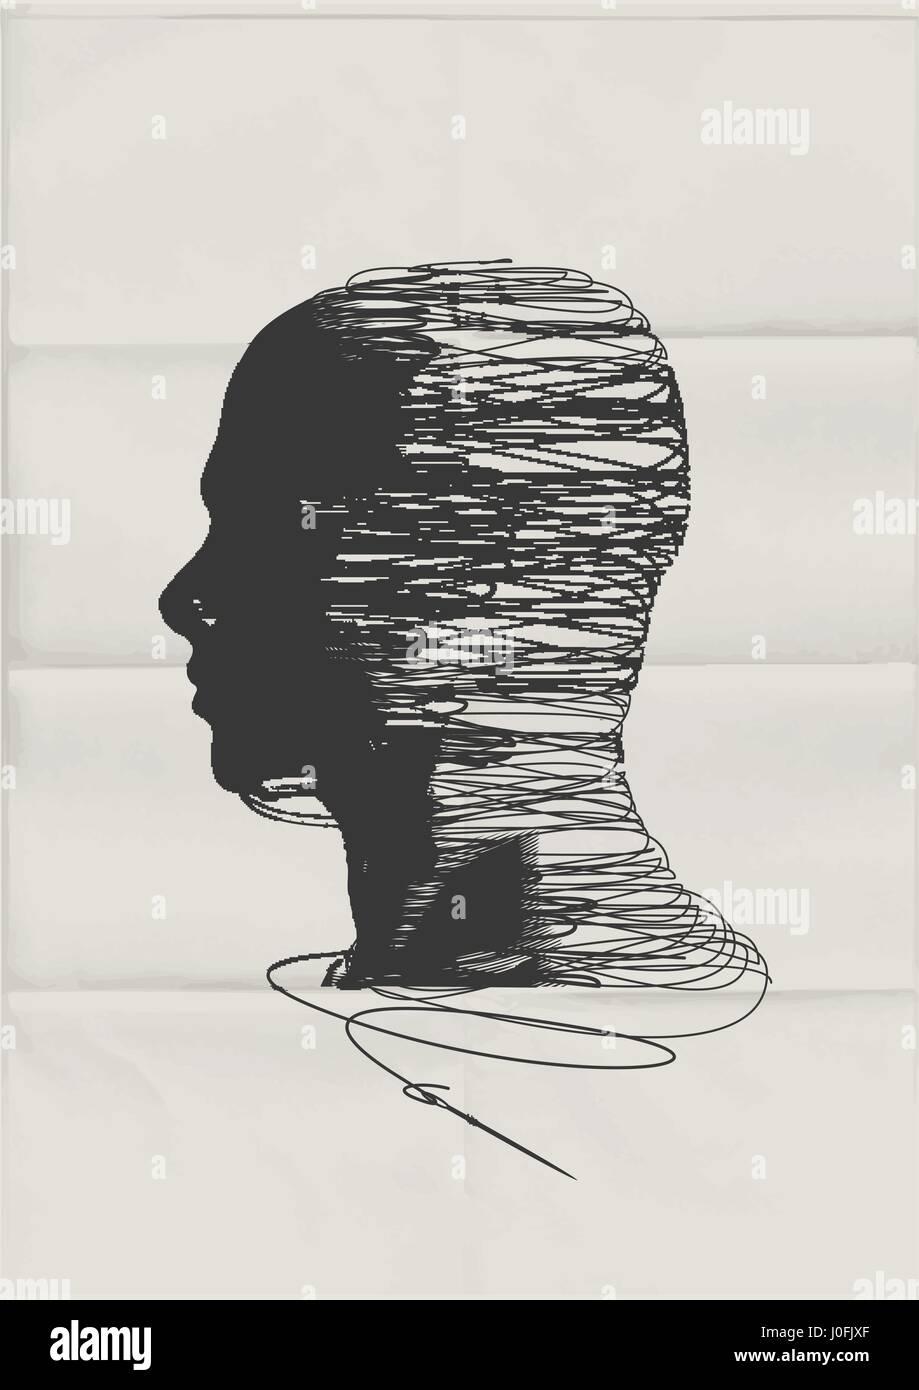 La mente humana. La forma de la cabeza de un hombre enredado con hilos de cadena - concepto de salud mental. Imagen De Stock